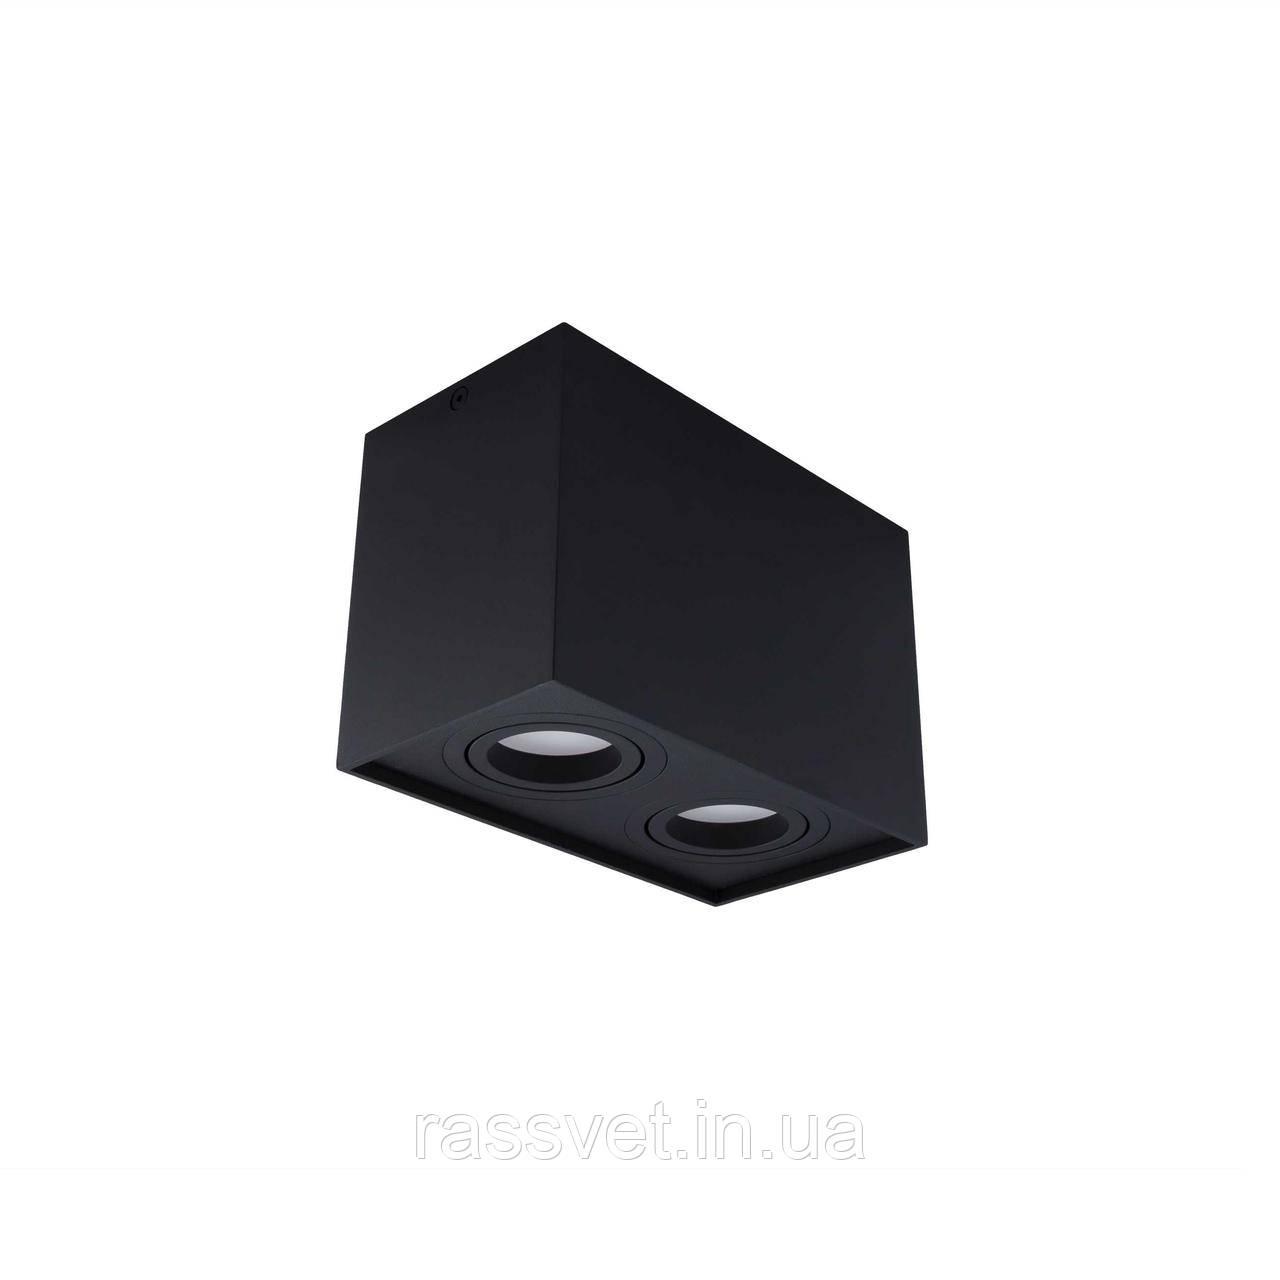 Точечный светильник Skarlat TH5804 BK